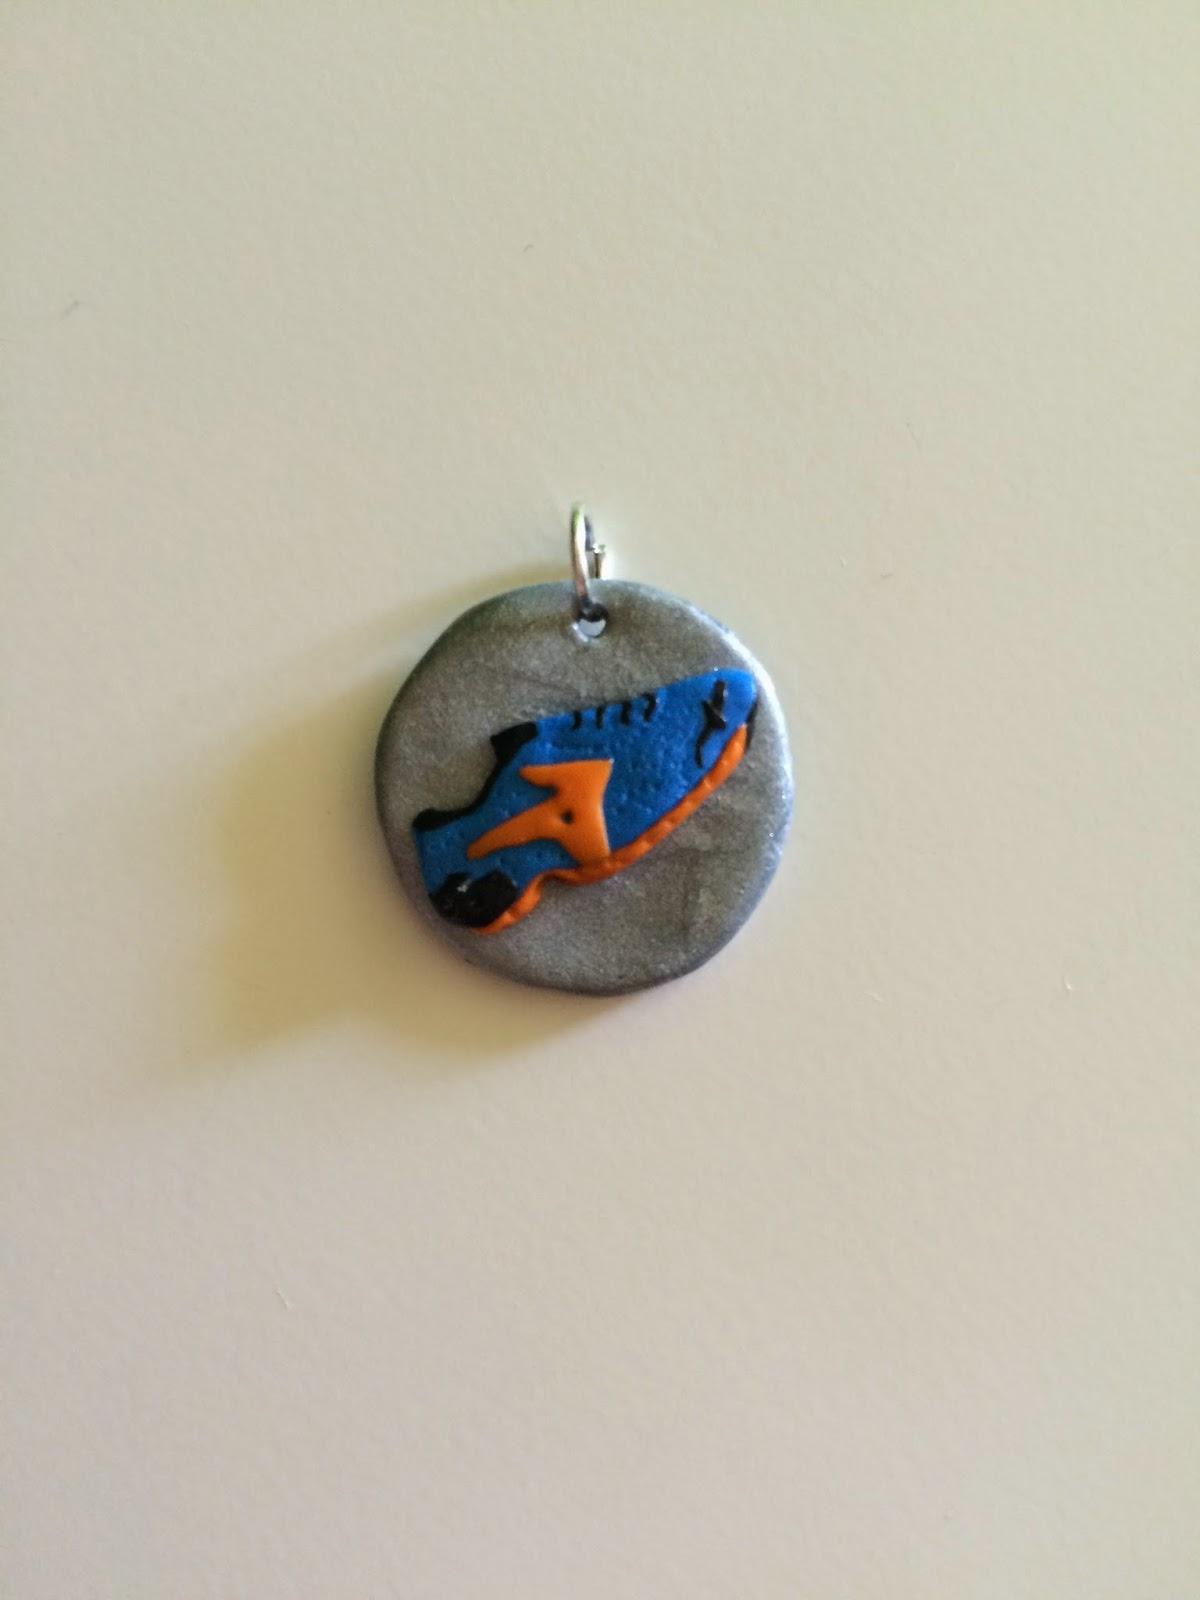 zapatilla running azul con logo naranja